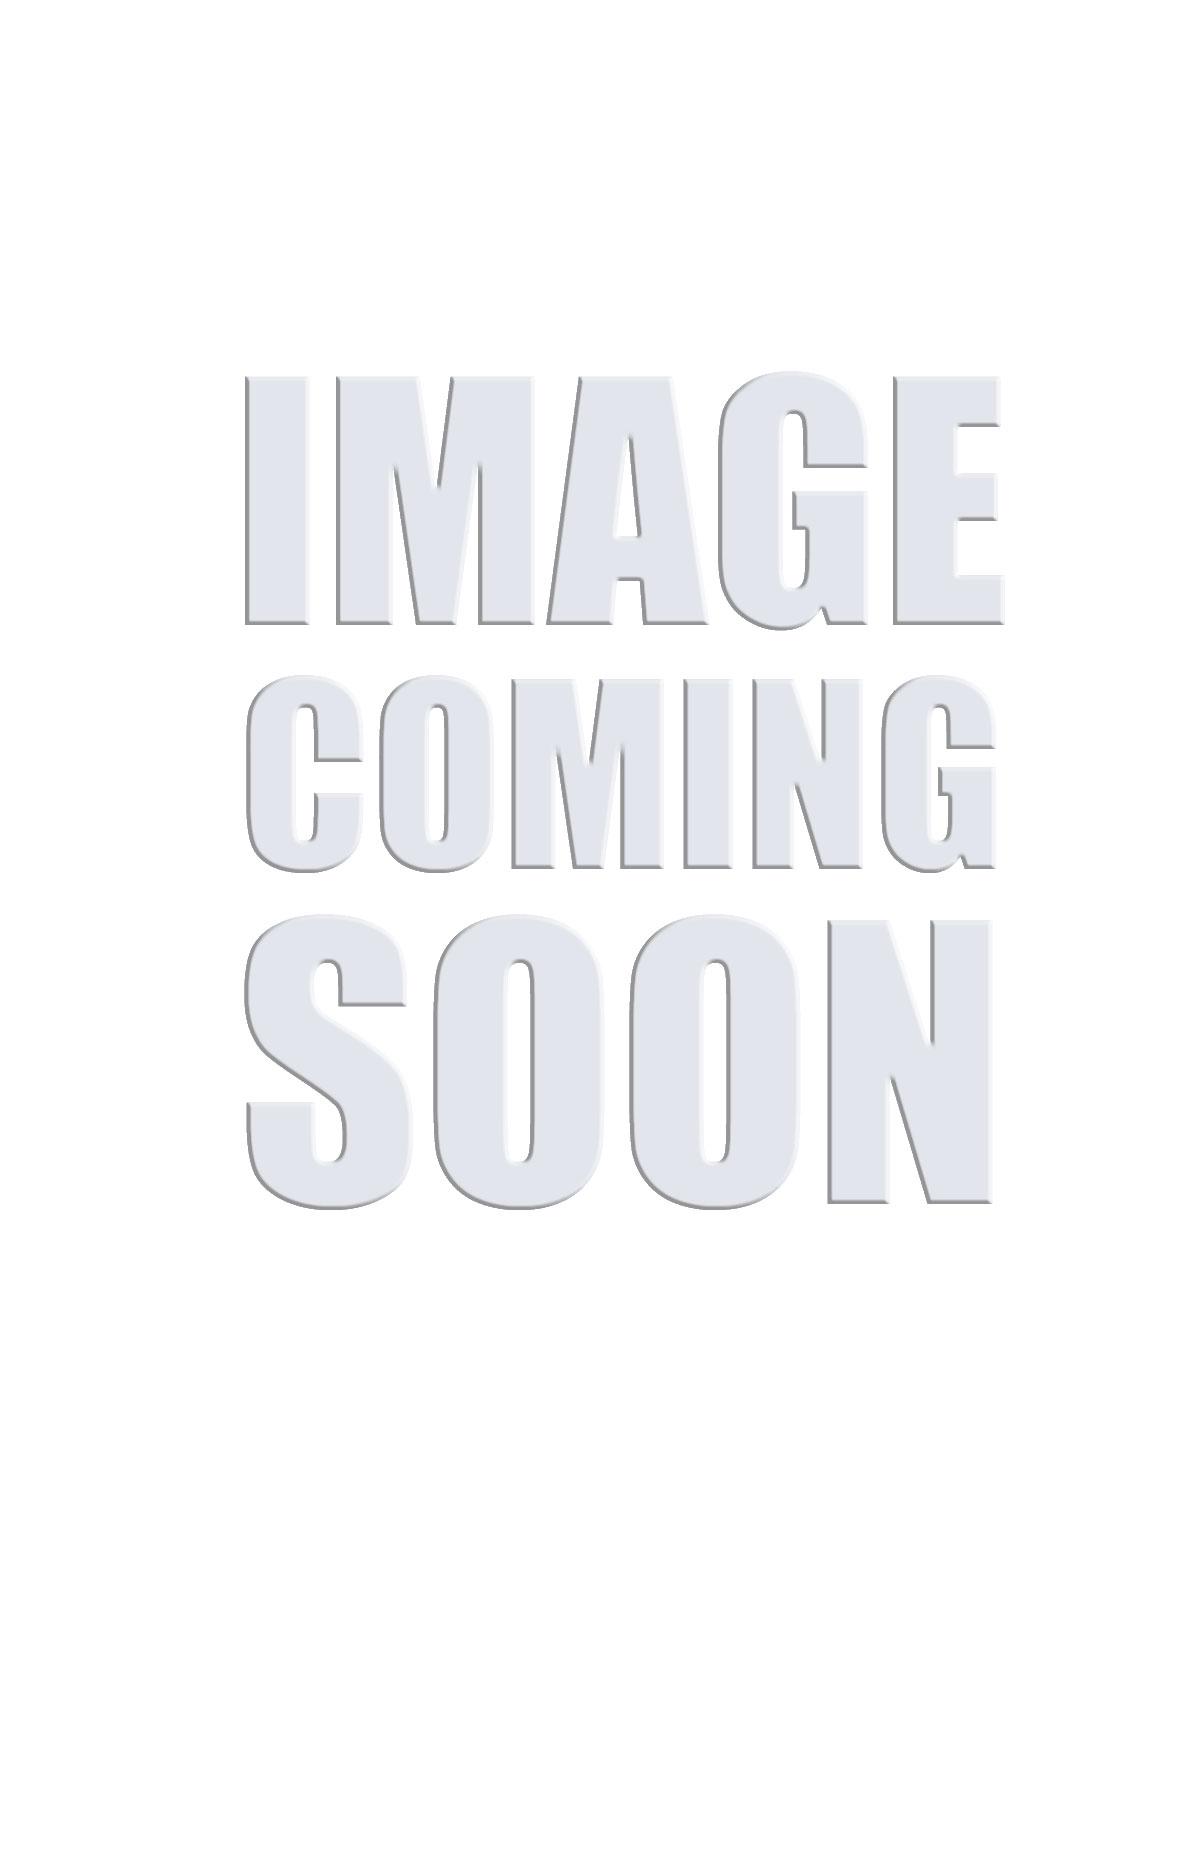 Tangential Discharge Vacuum Motor - Lamb #116474-37, BPT, B/B, AS, PB, 2 STG